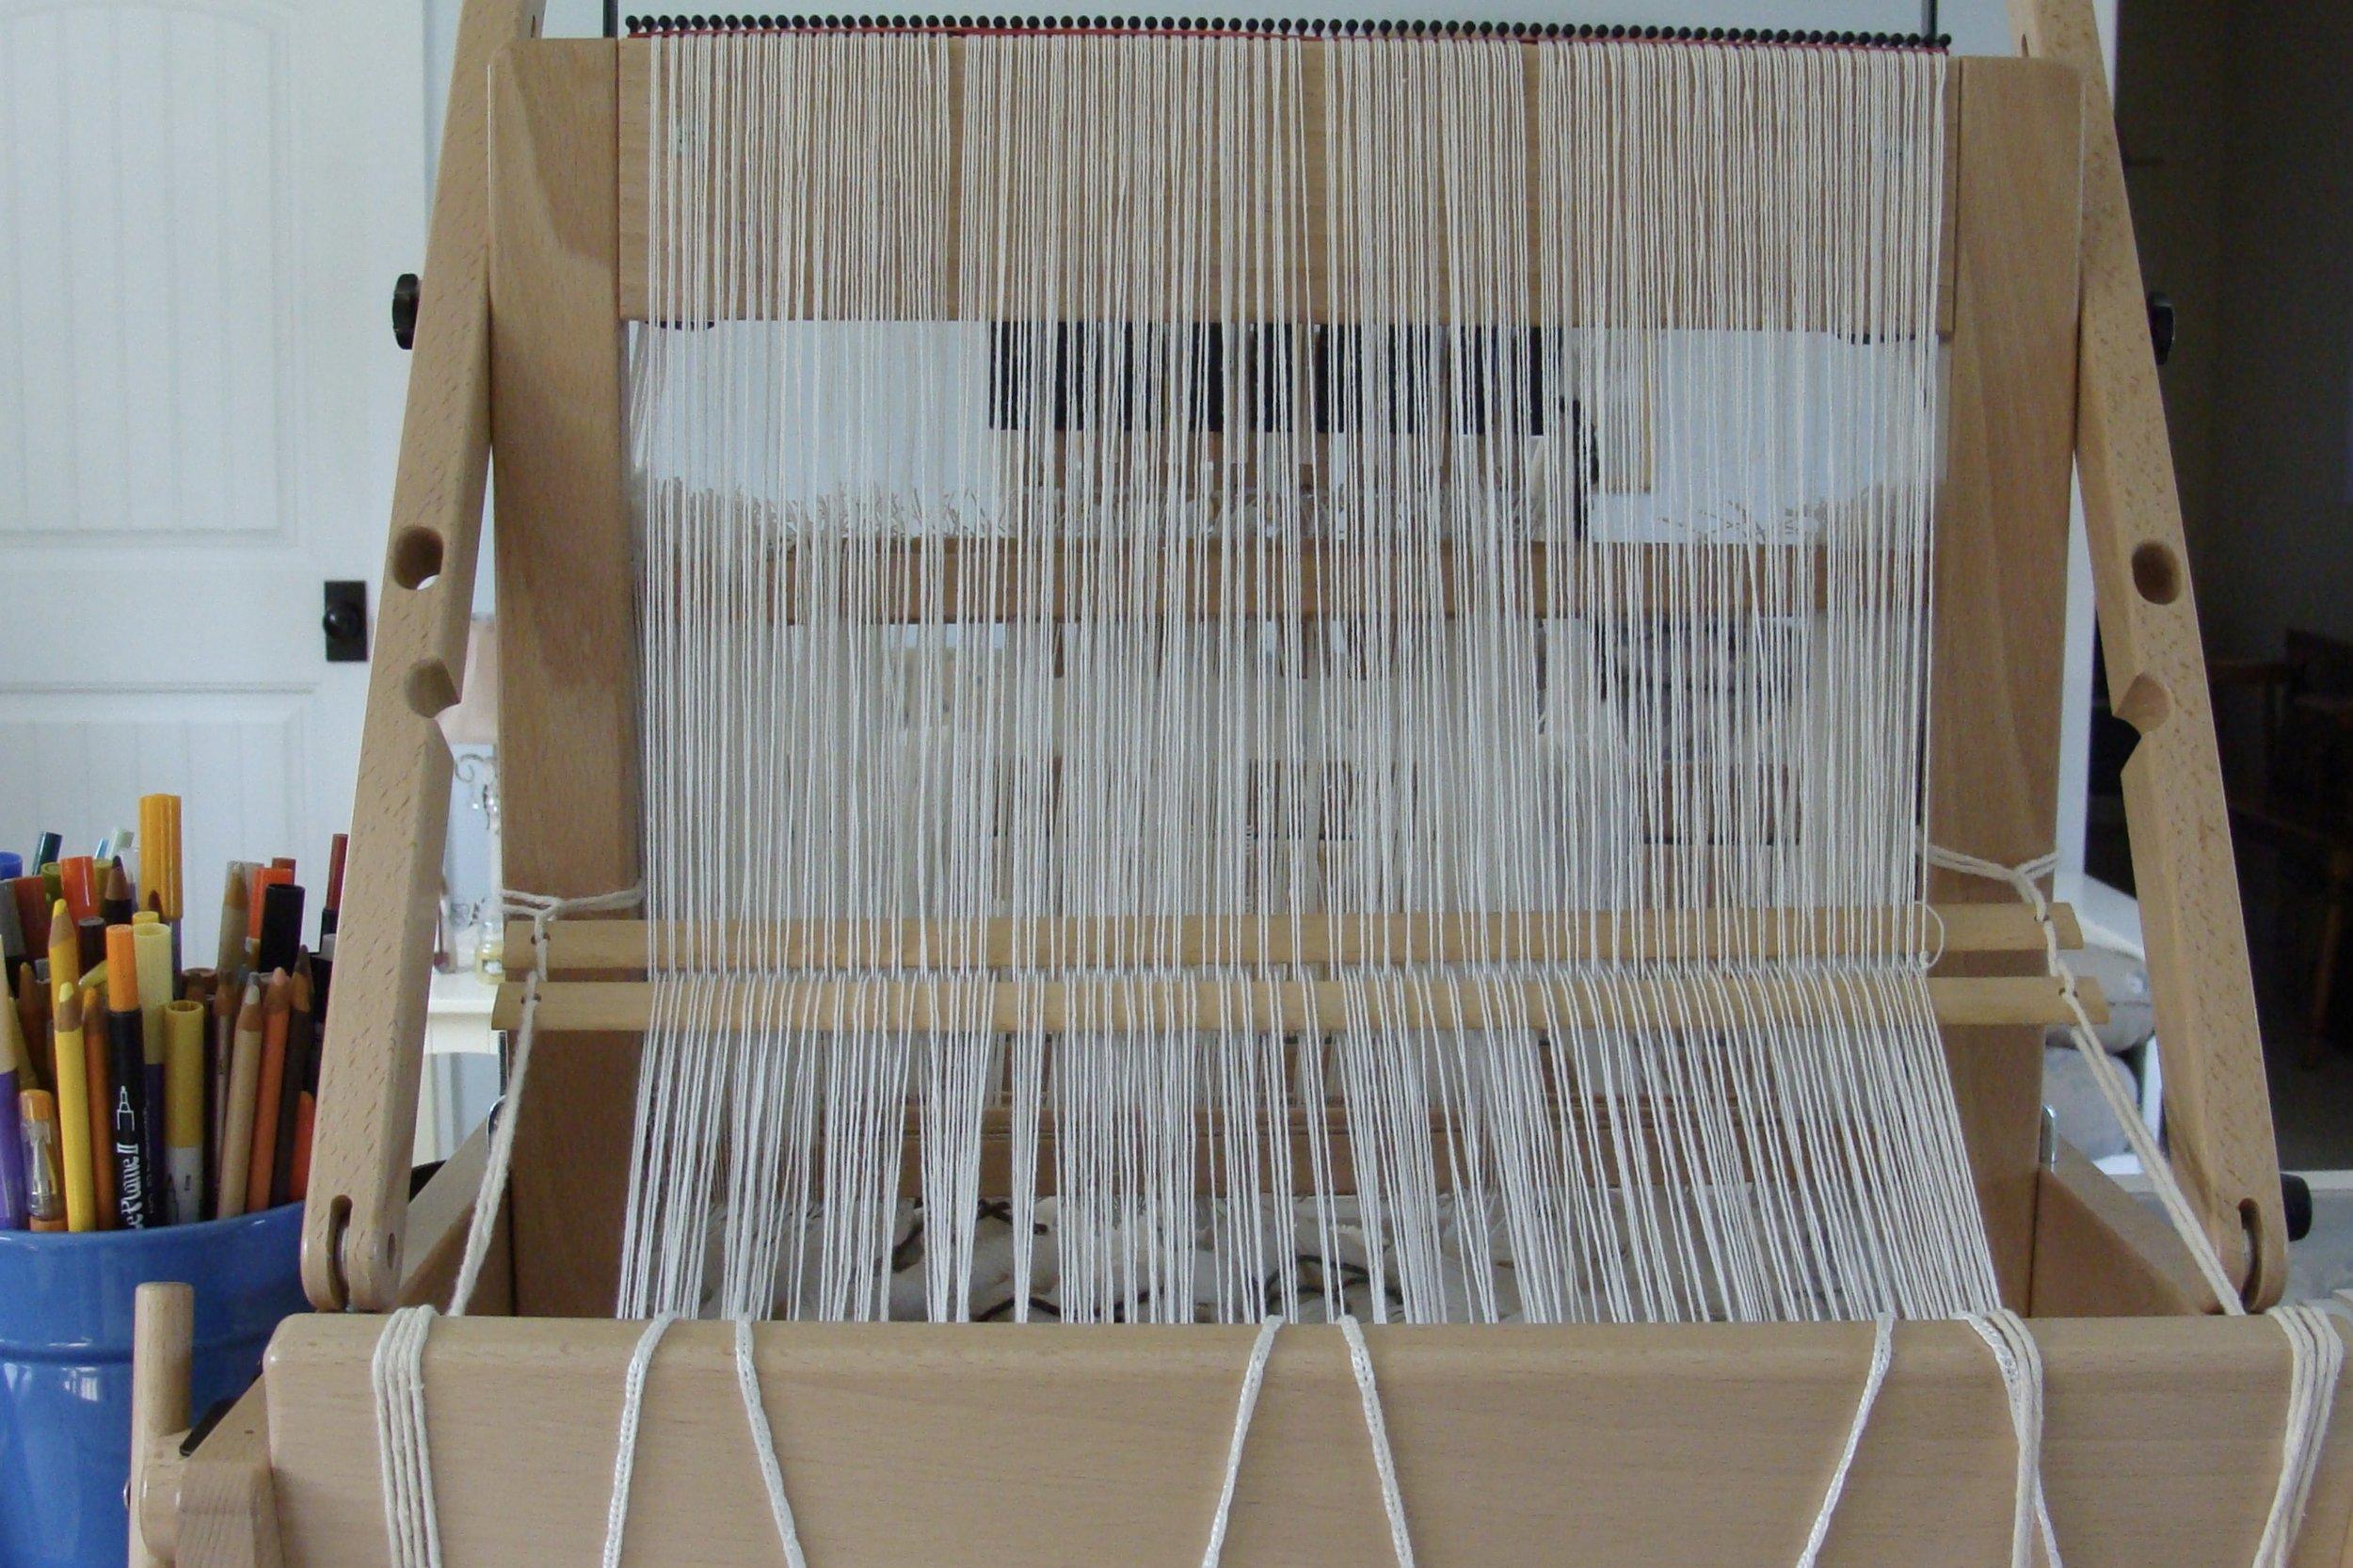 spacing warp using raddle on Jane loom